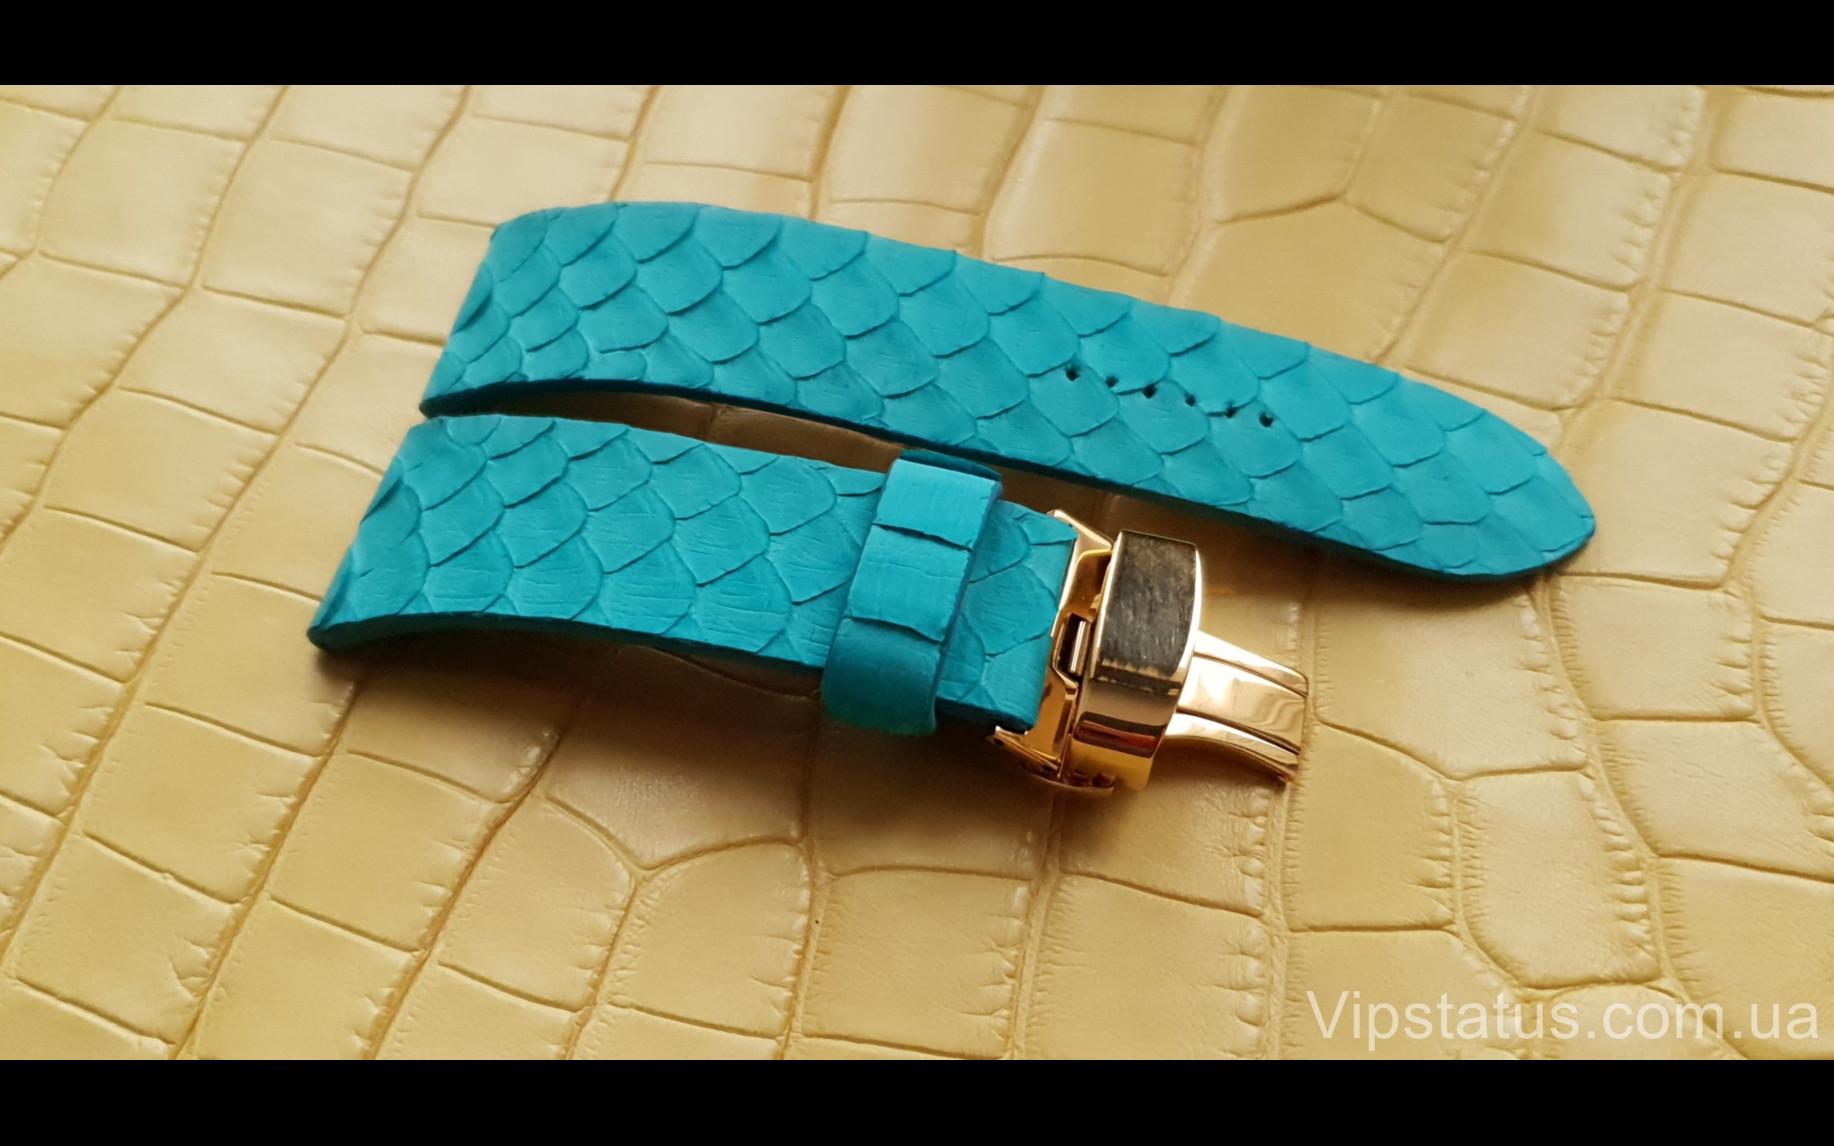 Элитный Люксовый ремешок для часов Tiffany кожа питона Люксовый ремешок для часов Tiffany кожа питона изображение 1